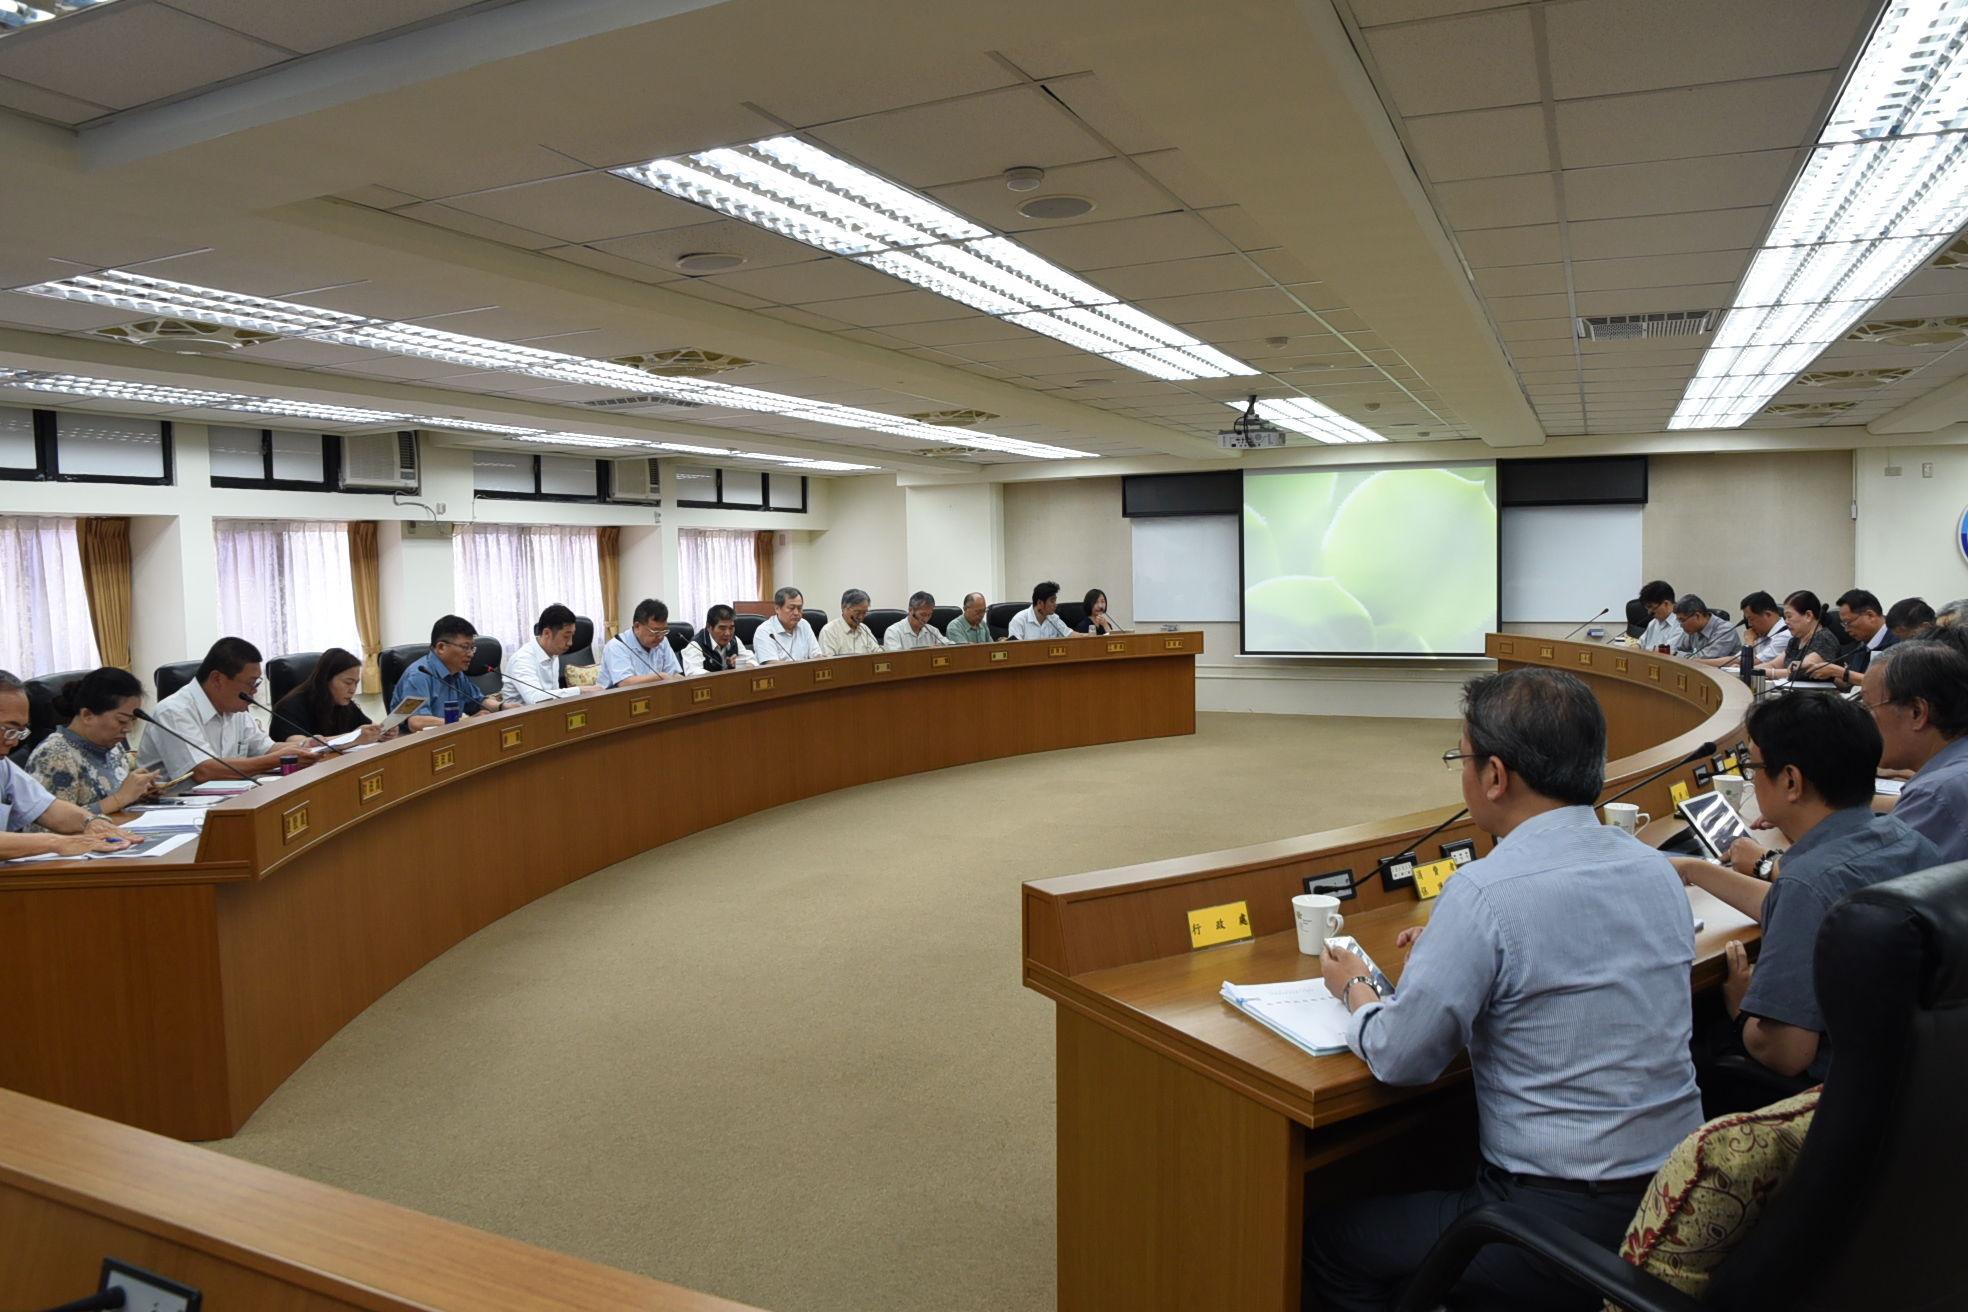 縣府15日召開「無籍船筏管理及輔導合法化專案研商」會議